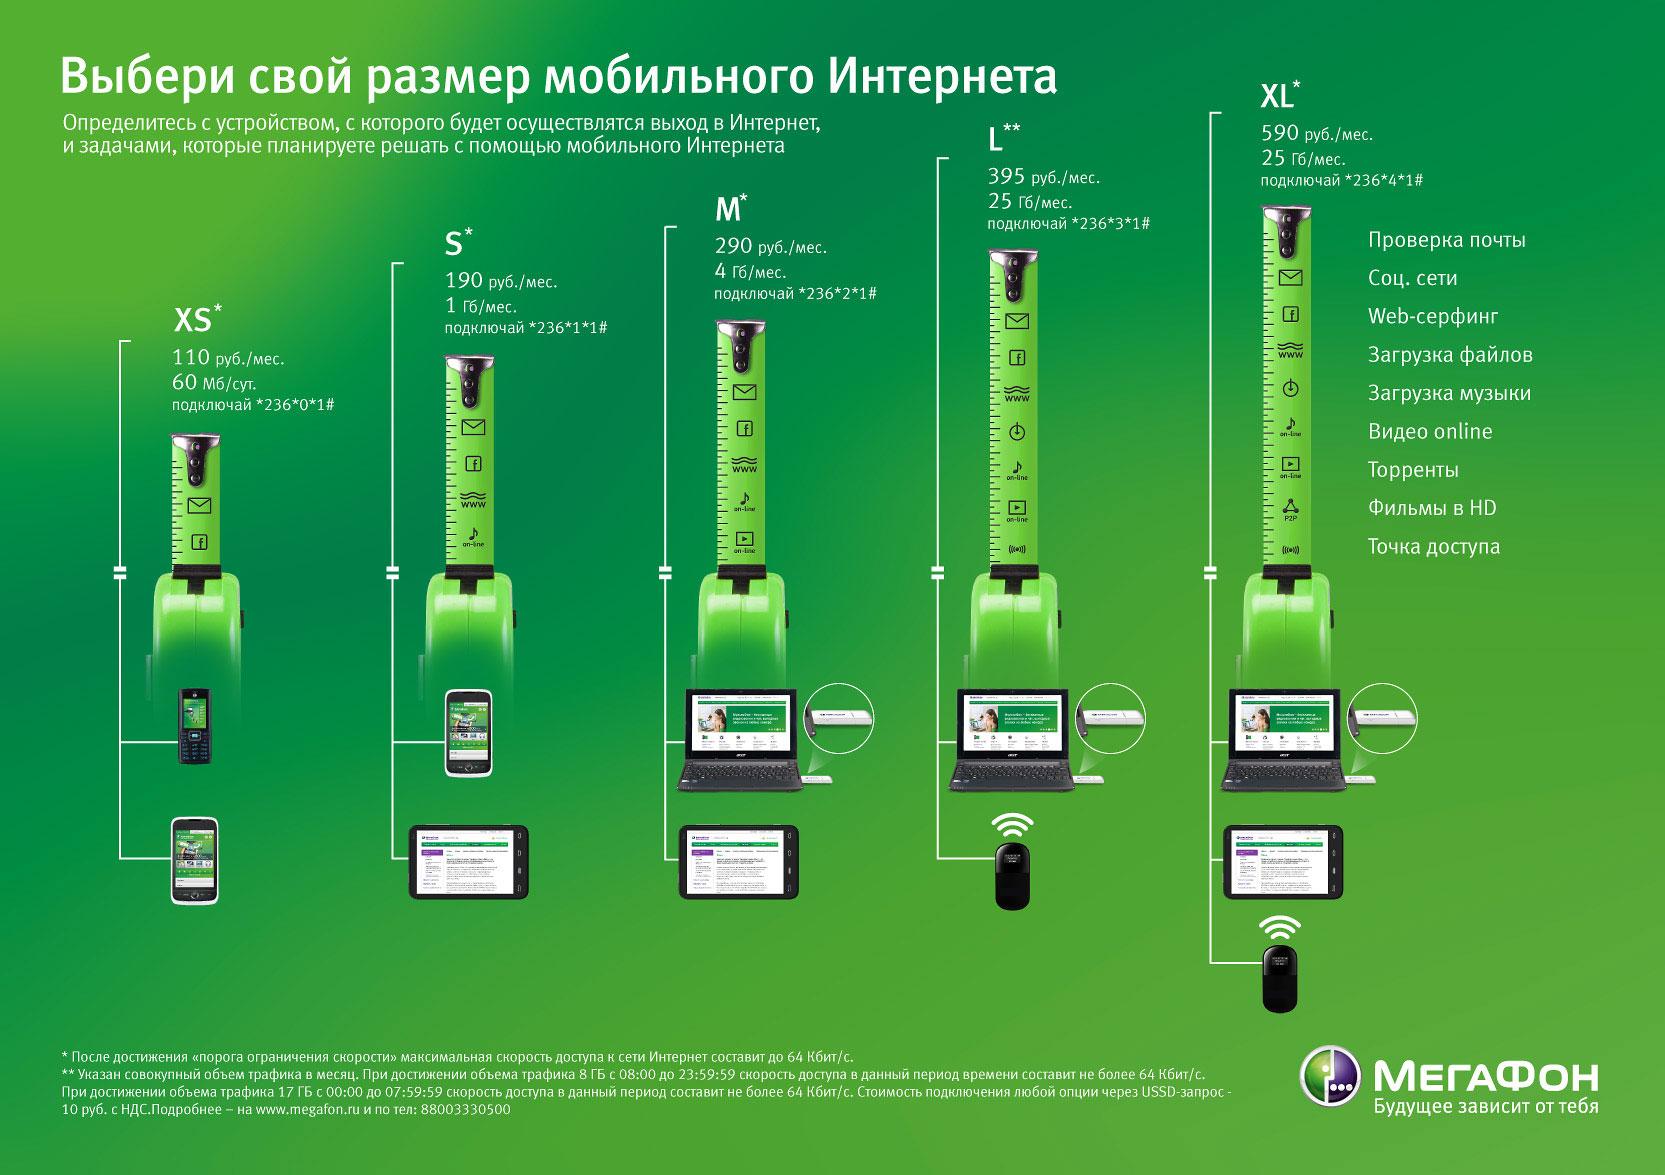 Картинки по запросу опции мегафон